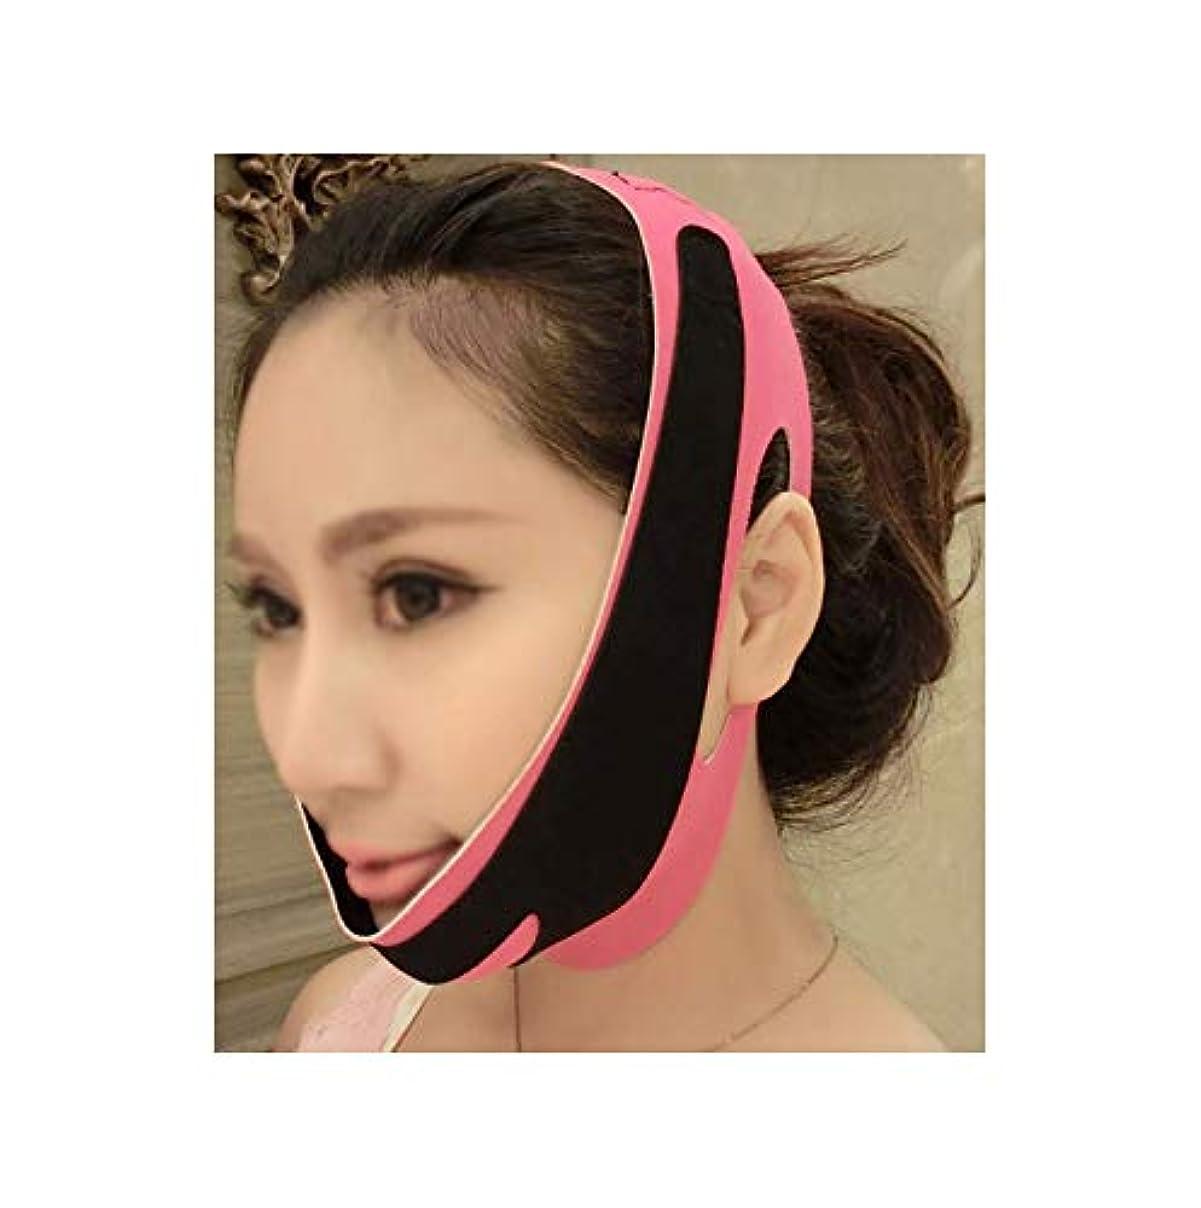 パドル本土レスリング薄い顔包帯フェイススリム二重あごを取り除きますVラインフェイスシェイプを作成チンチークリフトアップアンチリンクルリフティングベルトフェイスマッサージツール女性と女の子